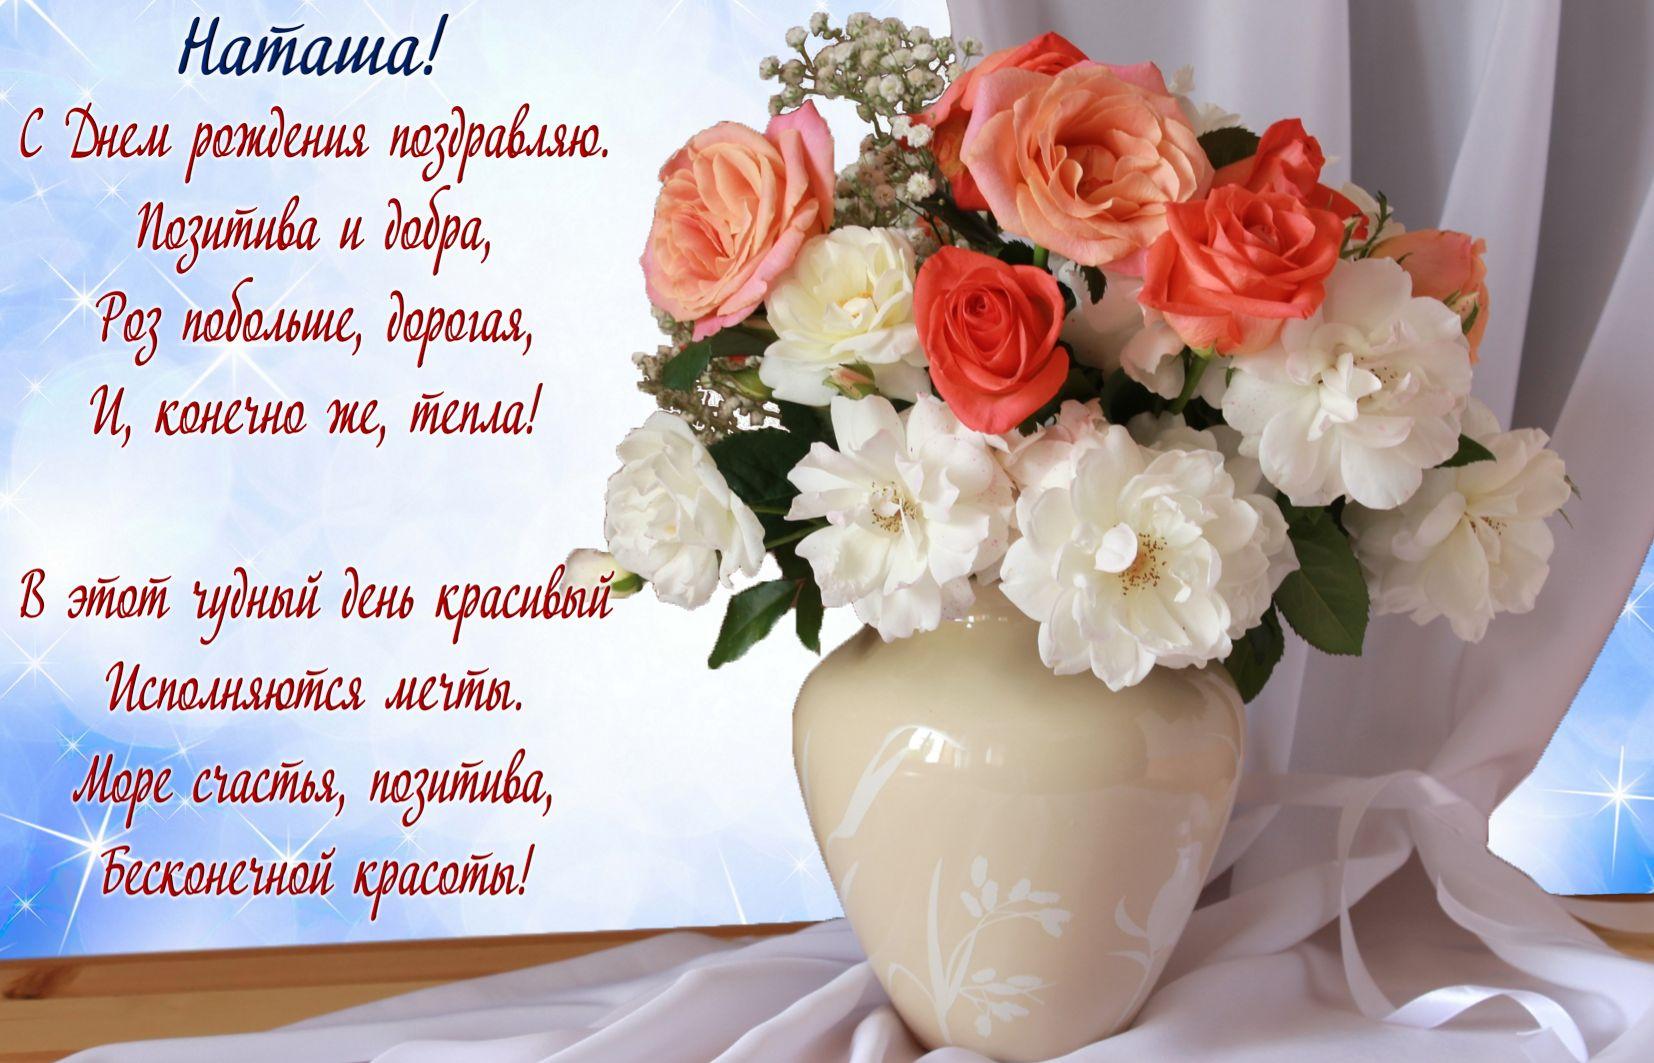 Пожелание в стихах и красивый букет в вазе